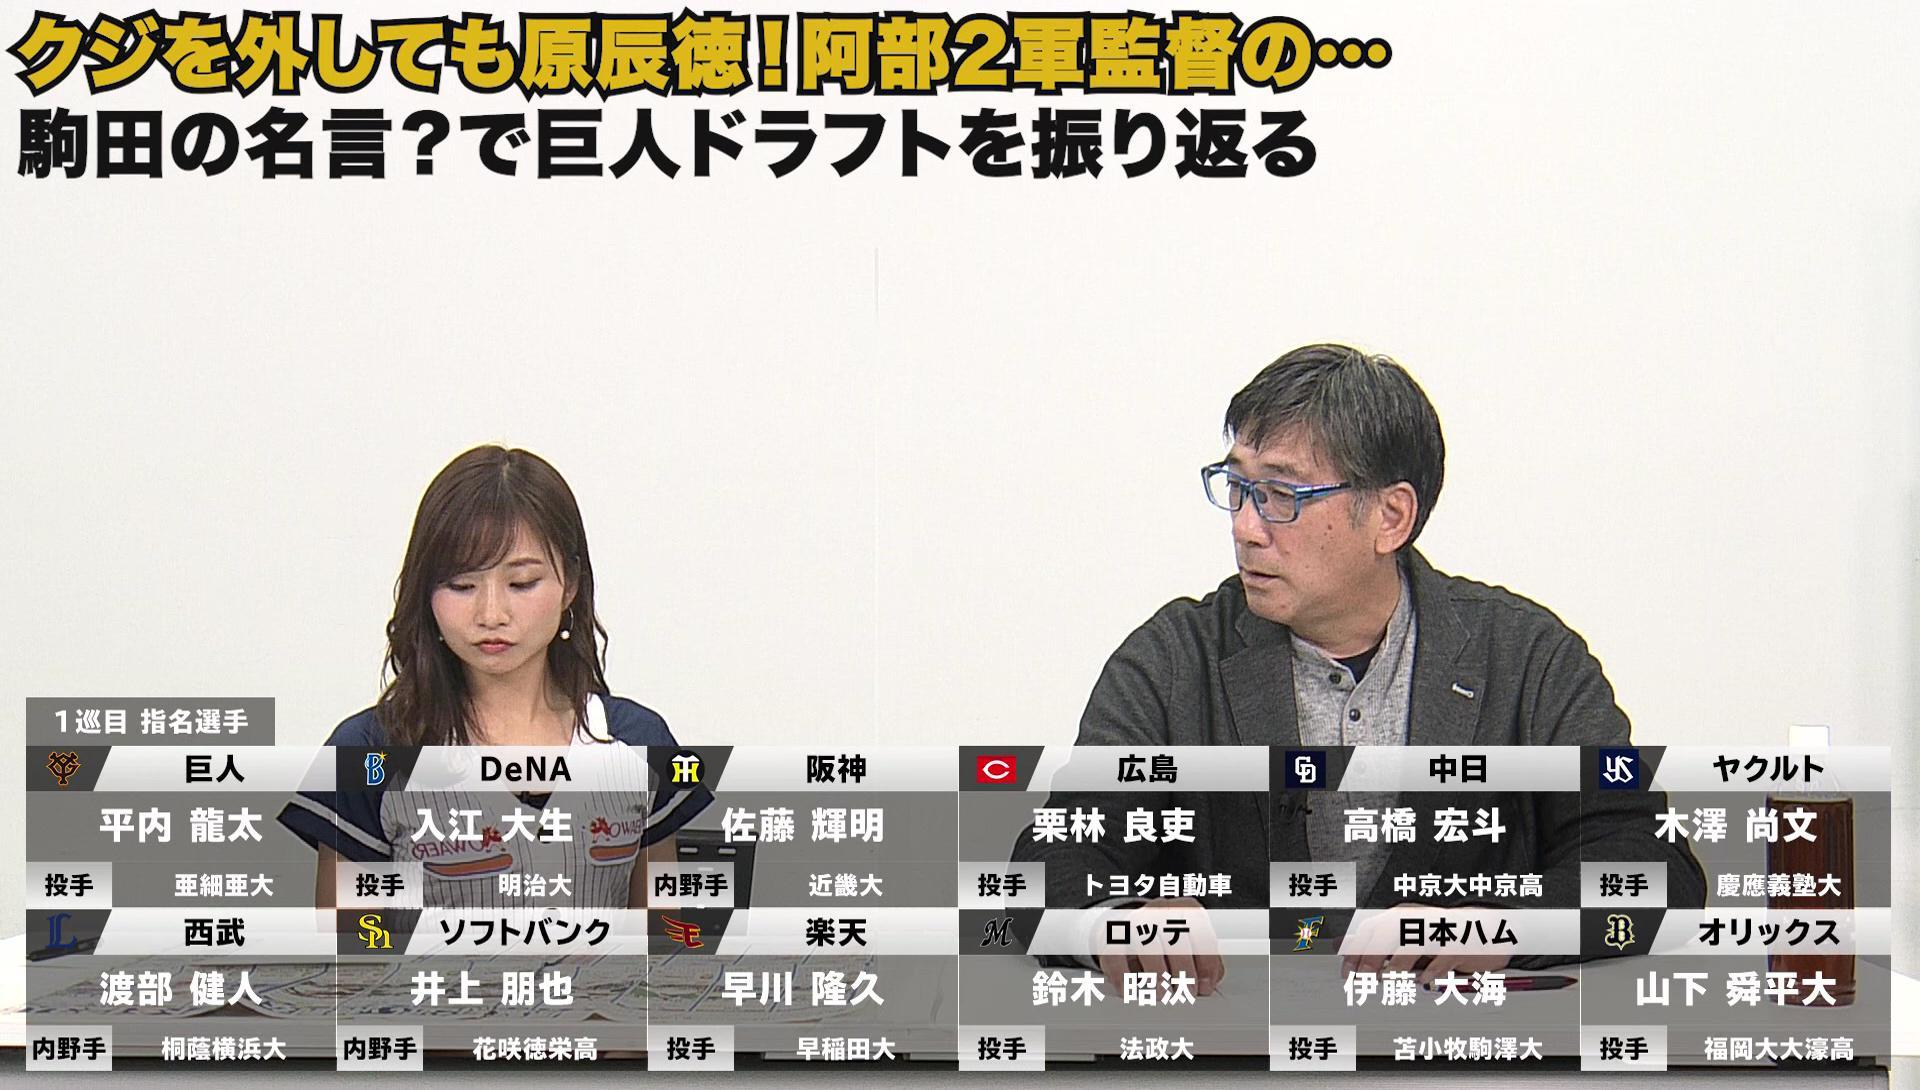 ドラフト抽選1勝11敗「外しても原辰徳!」駒田名言?珍言?で巨人ドラフトを振り返る